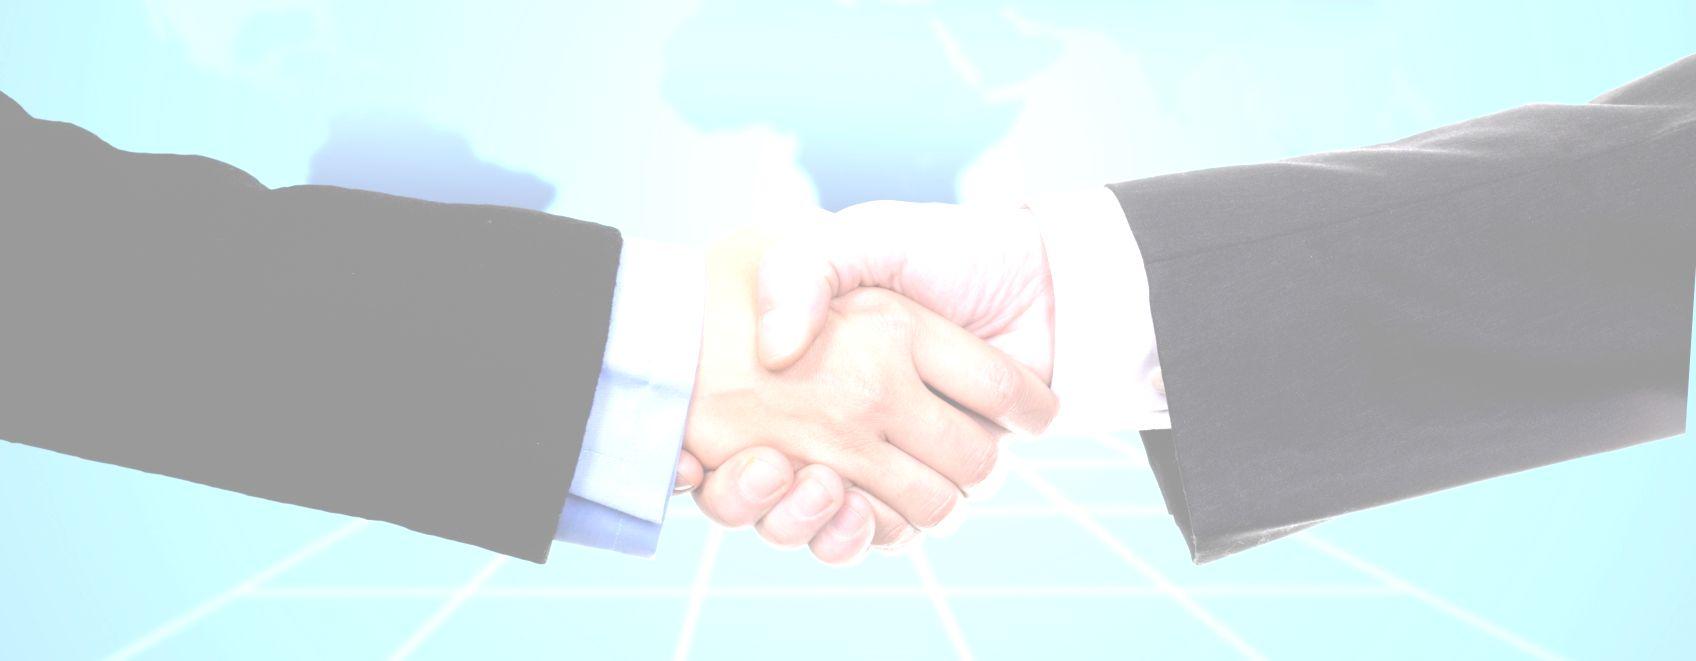 hand-shake2.jpg